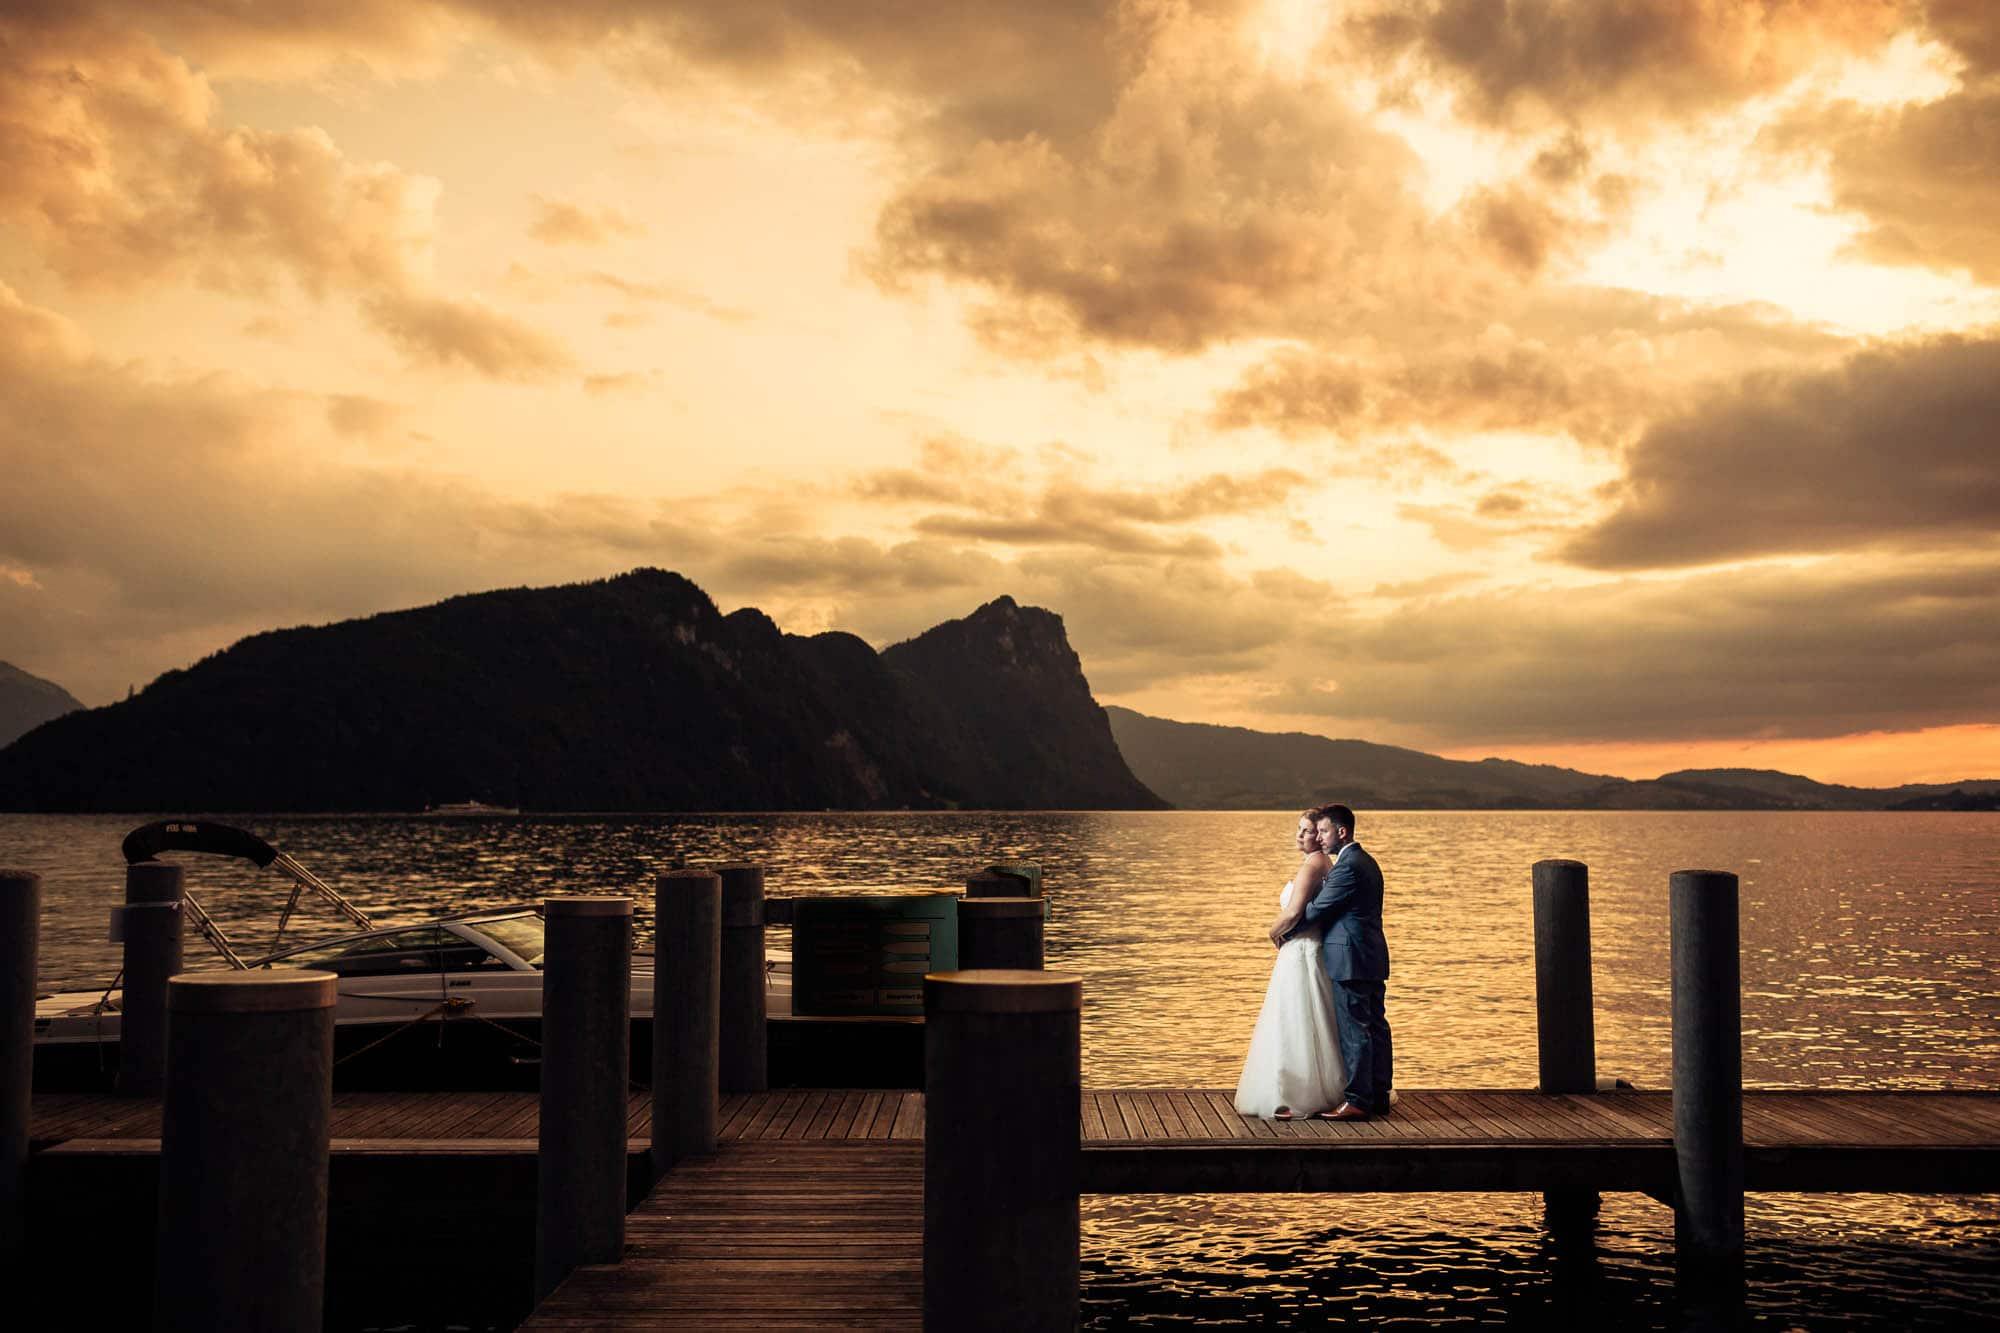 Hochzeitsfotograf Vitznau auf dem Schiffsteg bei Sonnenuntergang